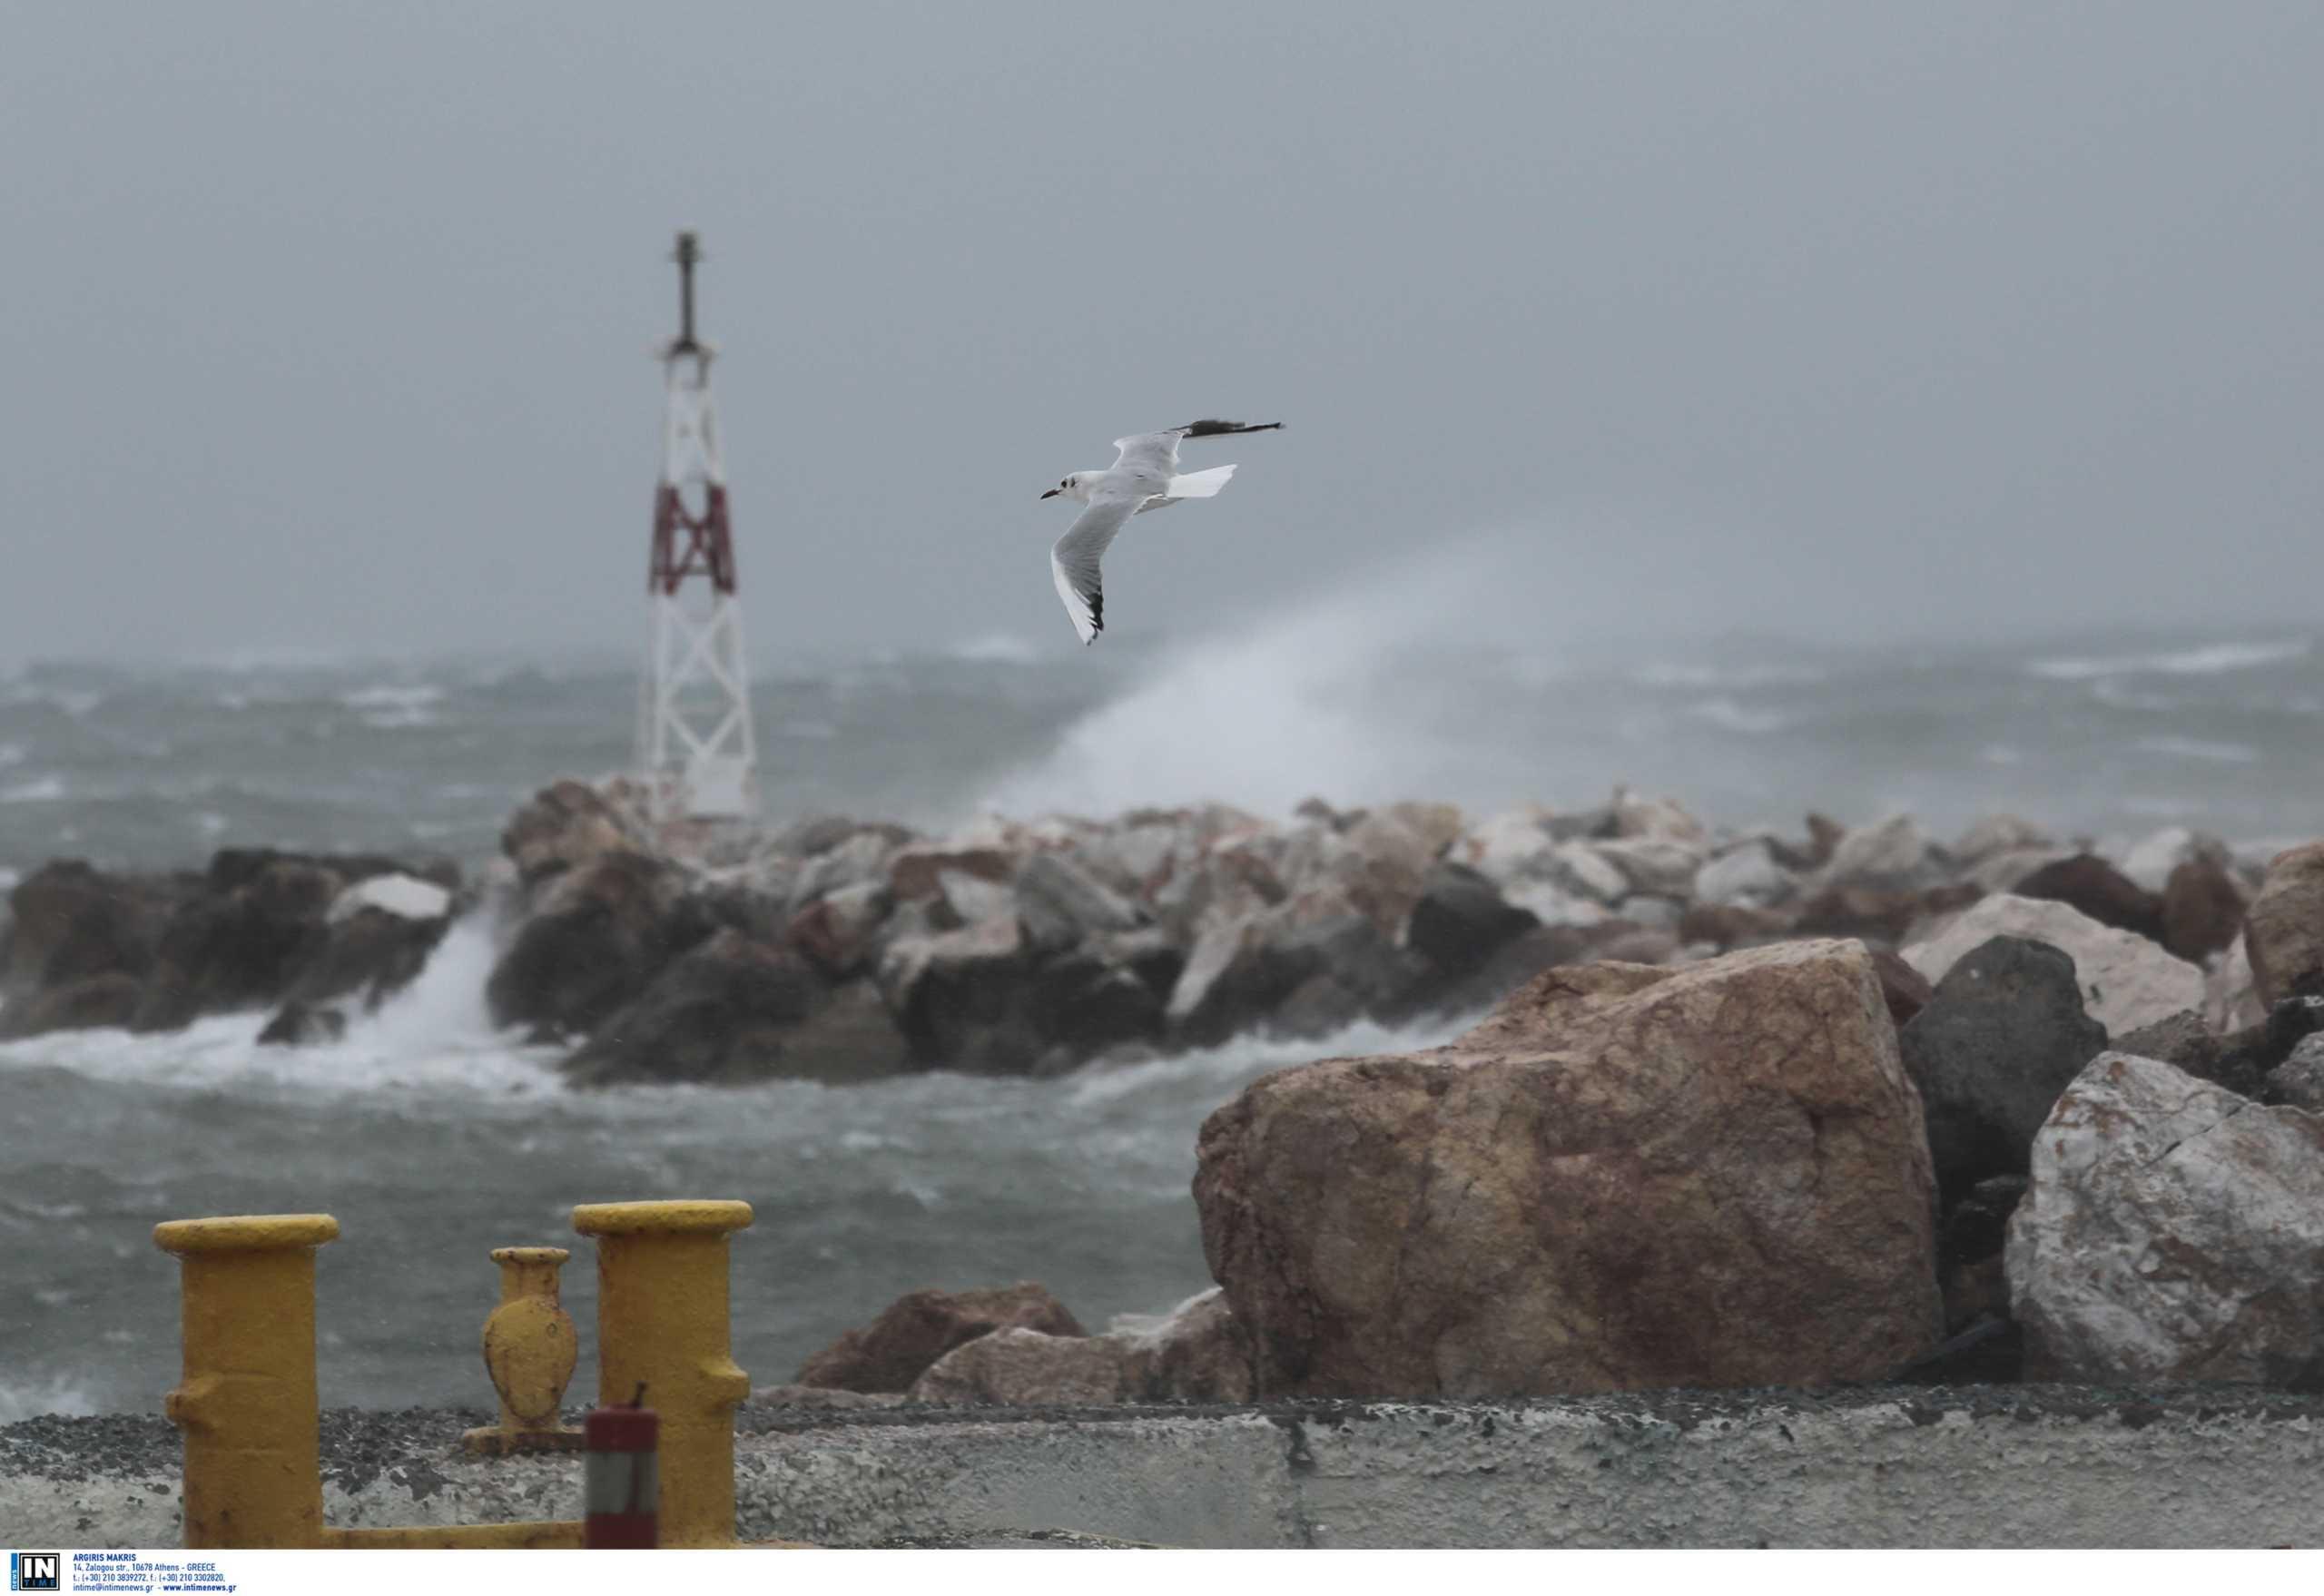 Αλλάζει το σκηνικό του καιρού - Που θα πέσουν βροχές και ισχυρές καταιγίδες - 8 μποφόρ!